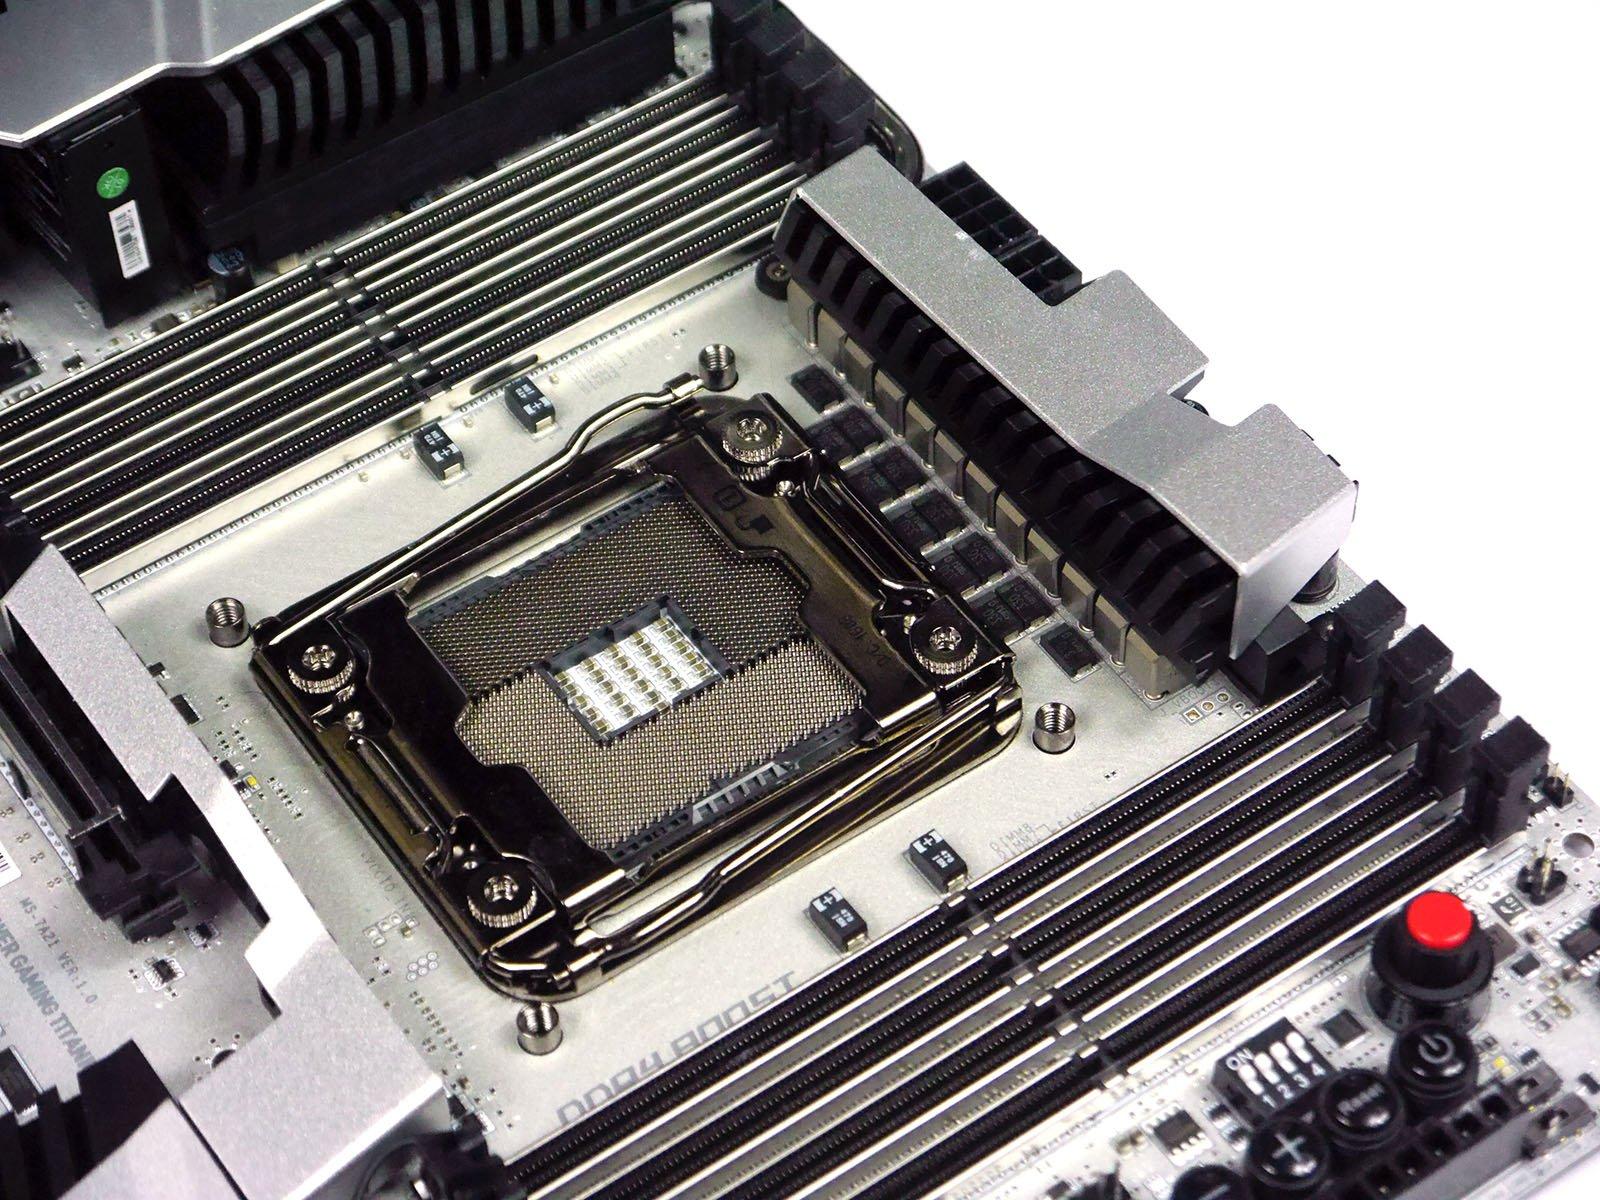 MSI X99A XPOWER Titanium - DIMM